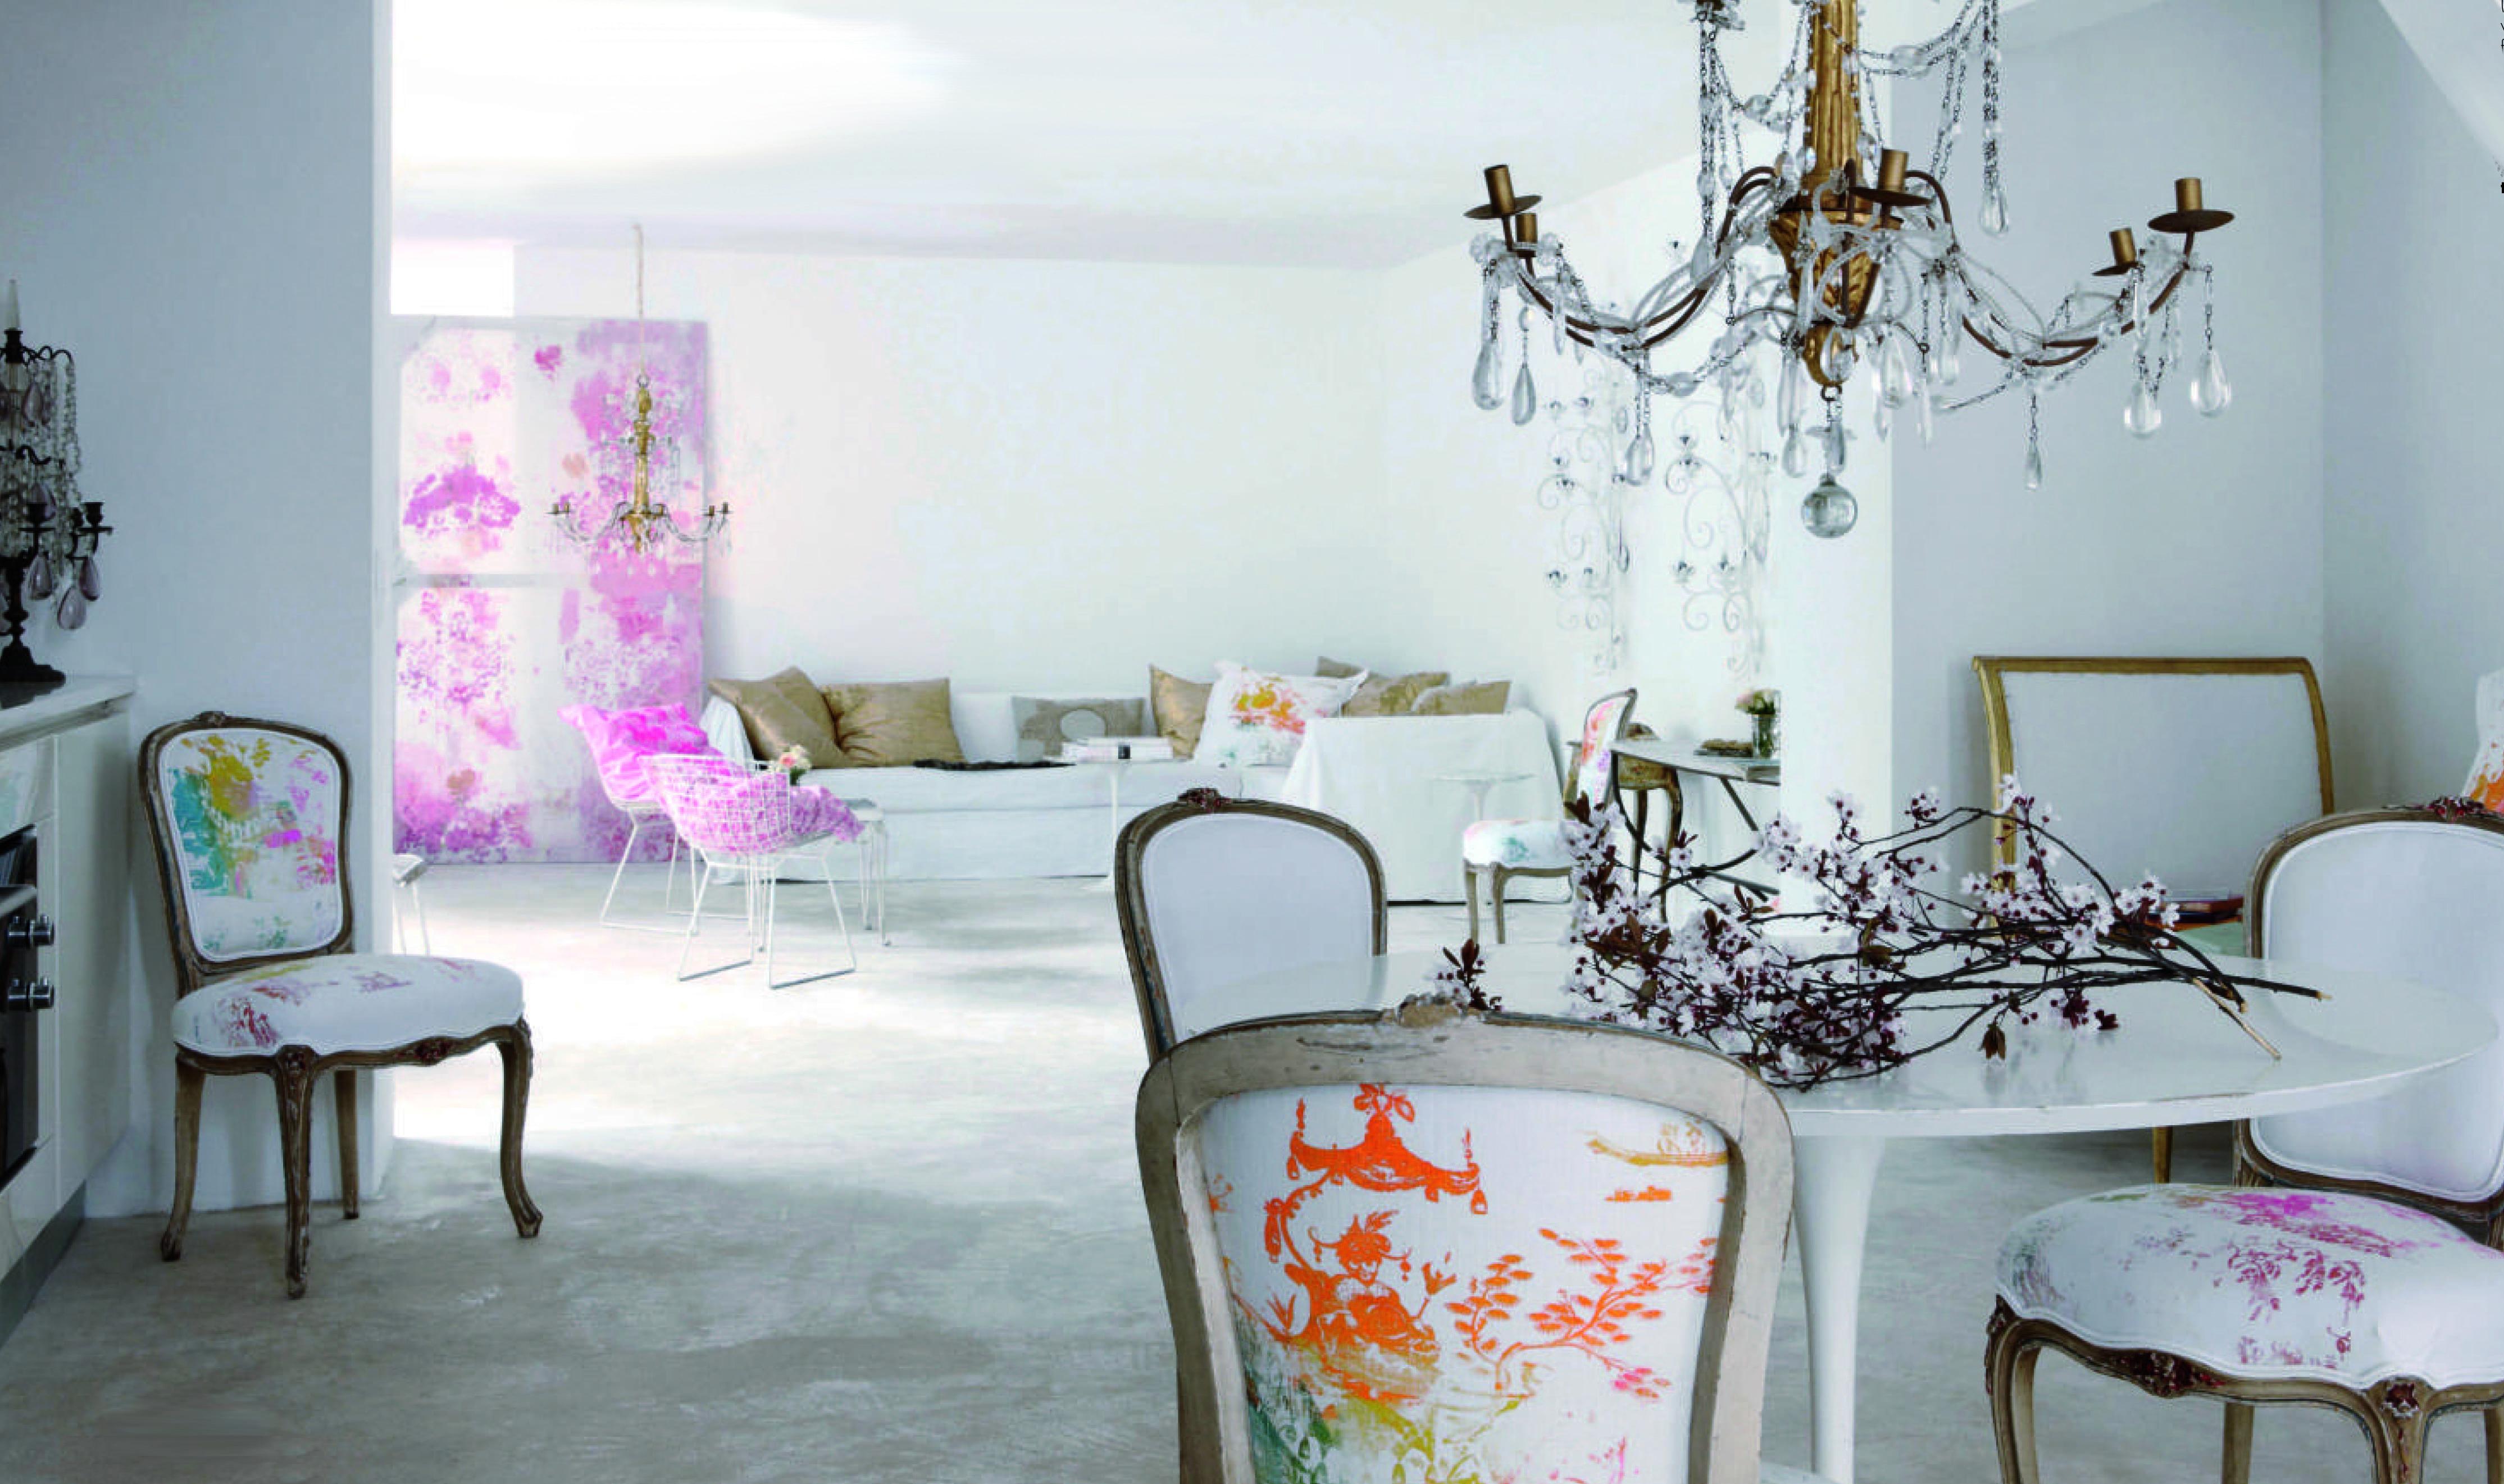 luxus zimmergestaltung in weiß mit barock möbeln by Quartermaine ...